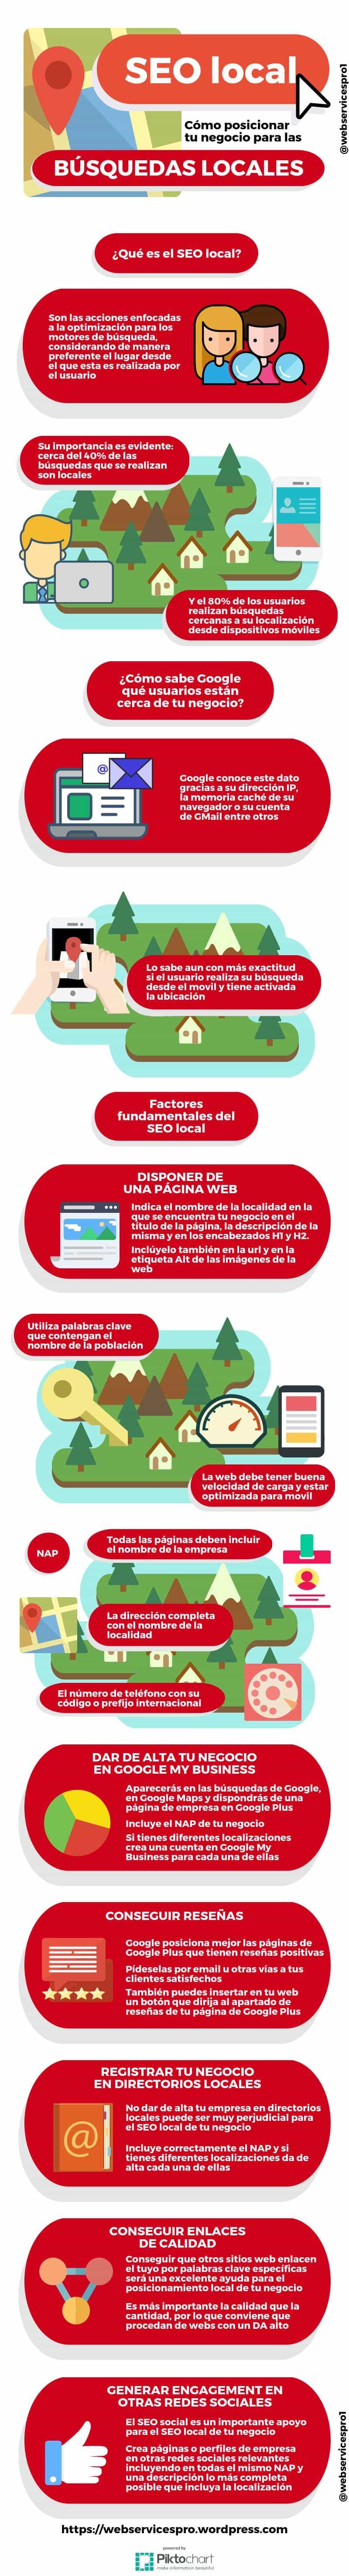 SEO local: cómo posicionar tu negocio para las búsquedas locales